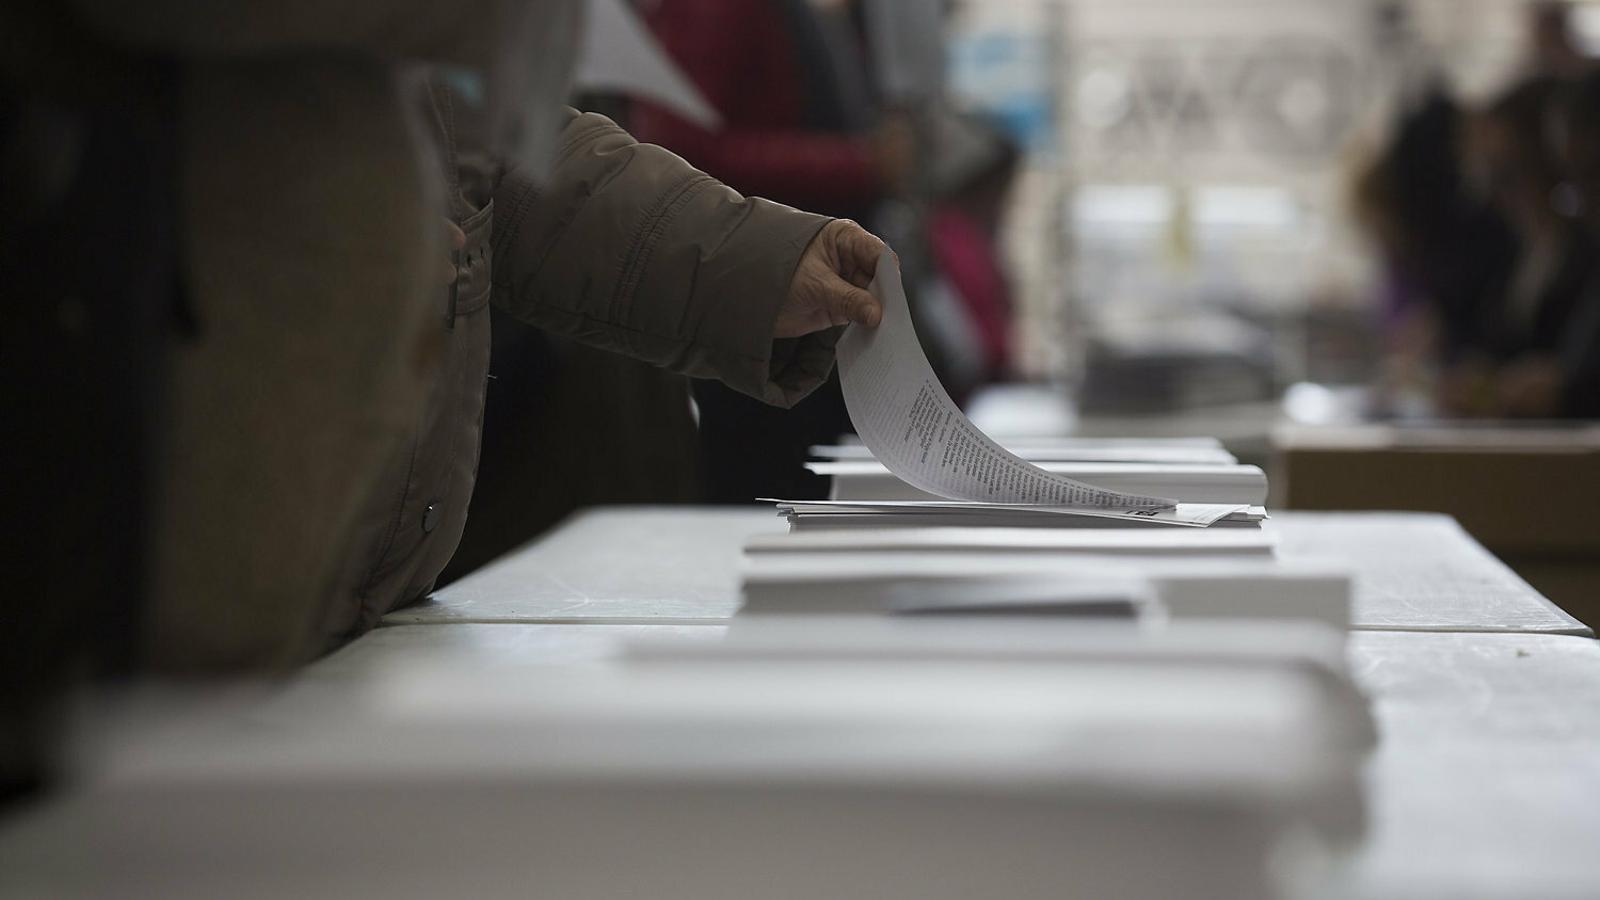 Vot de càstig de les bases dels partits per haver ignorat les primàries